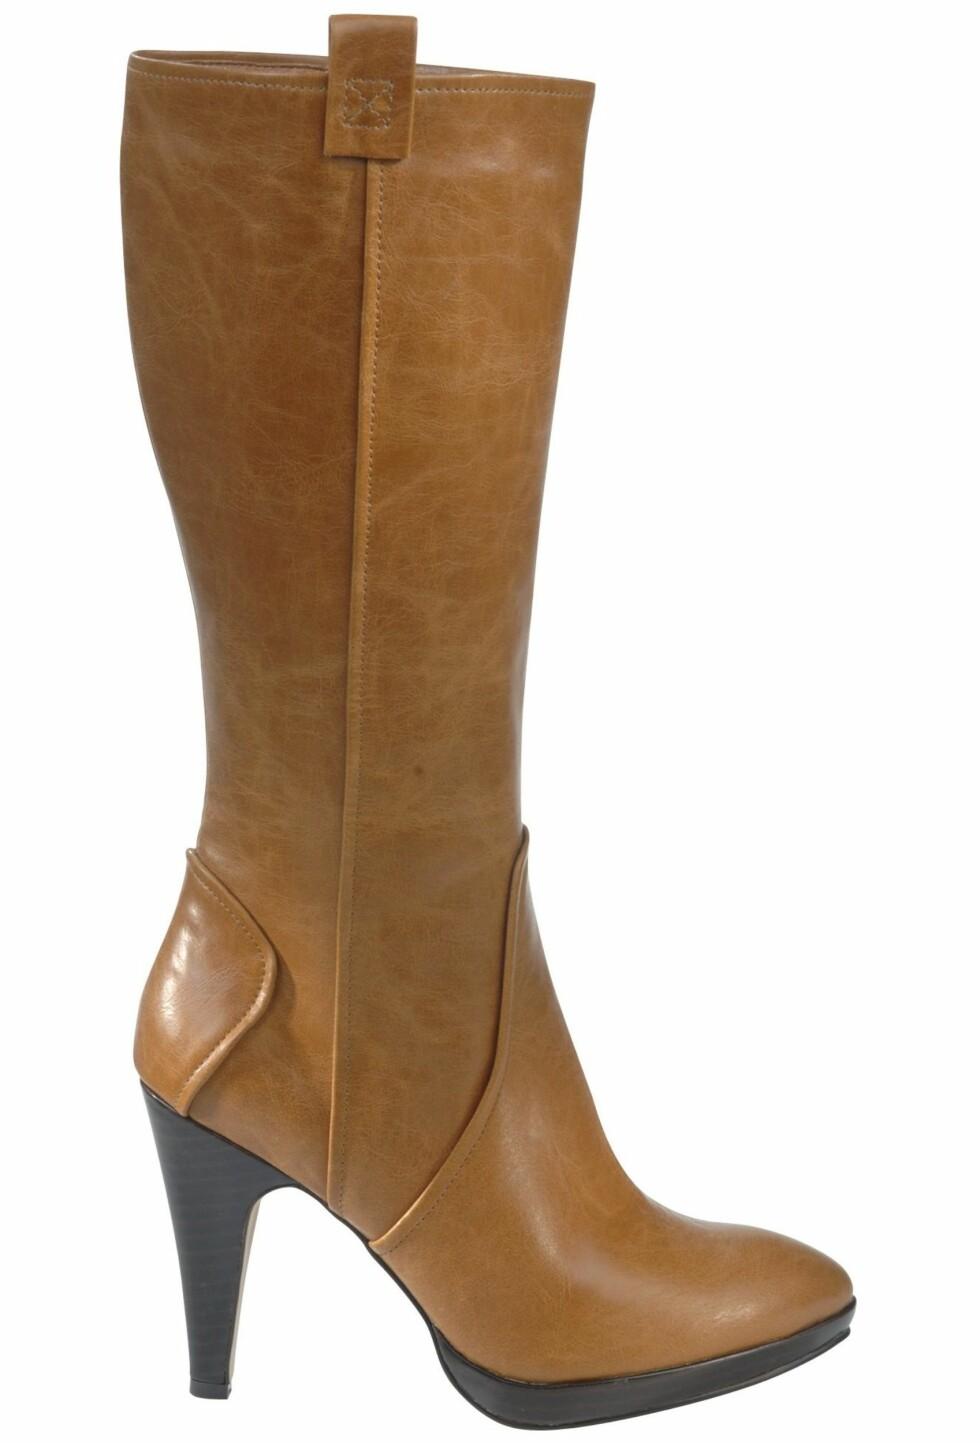 Med høy hæl i trendy farge (kr 500, Ellos).